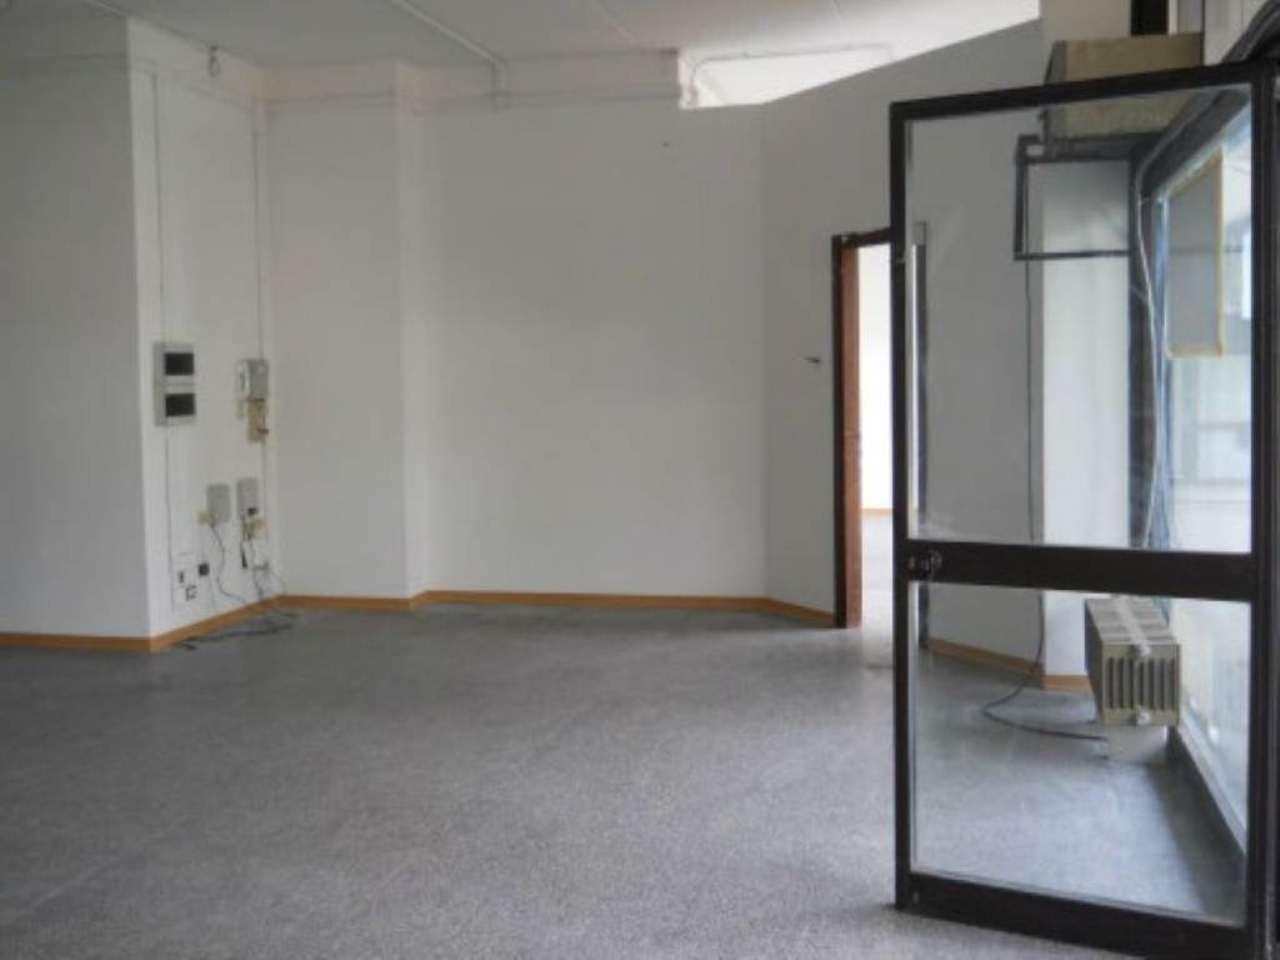 Negozio / Locale in affitto a Rezzato, 9999 locali, prezzo € 600 | Cambio Casa.it